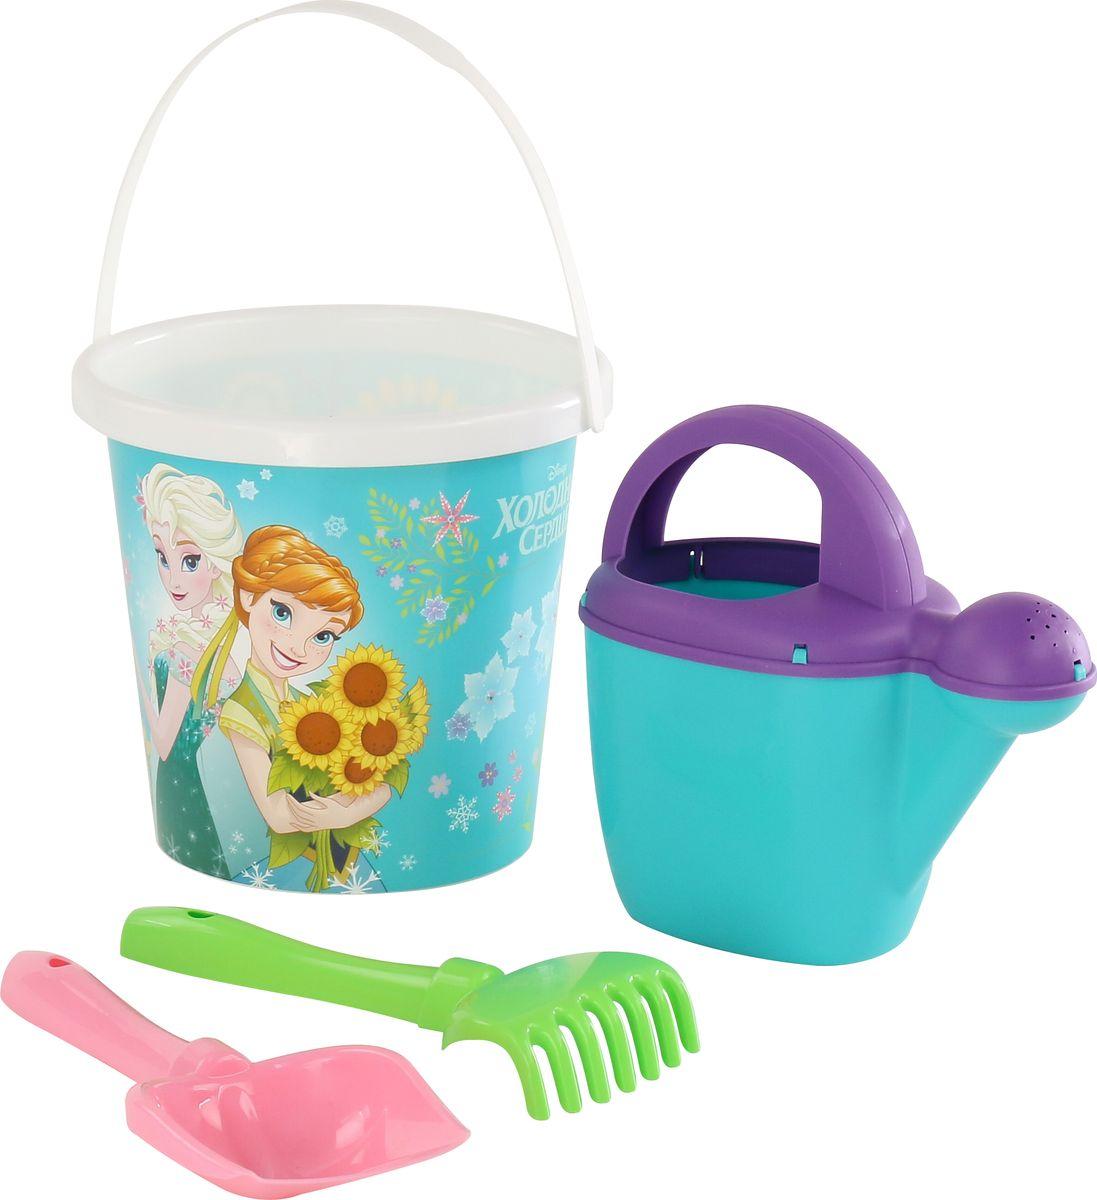 Disney Набор игрушек для песочницы Холодное сердце №9, 4 предмета, цвет в ассортименте disney набор для создания калейдоскопа холодное сердце